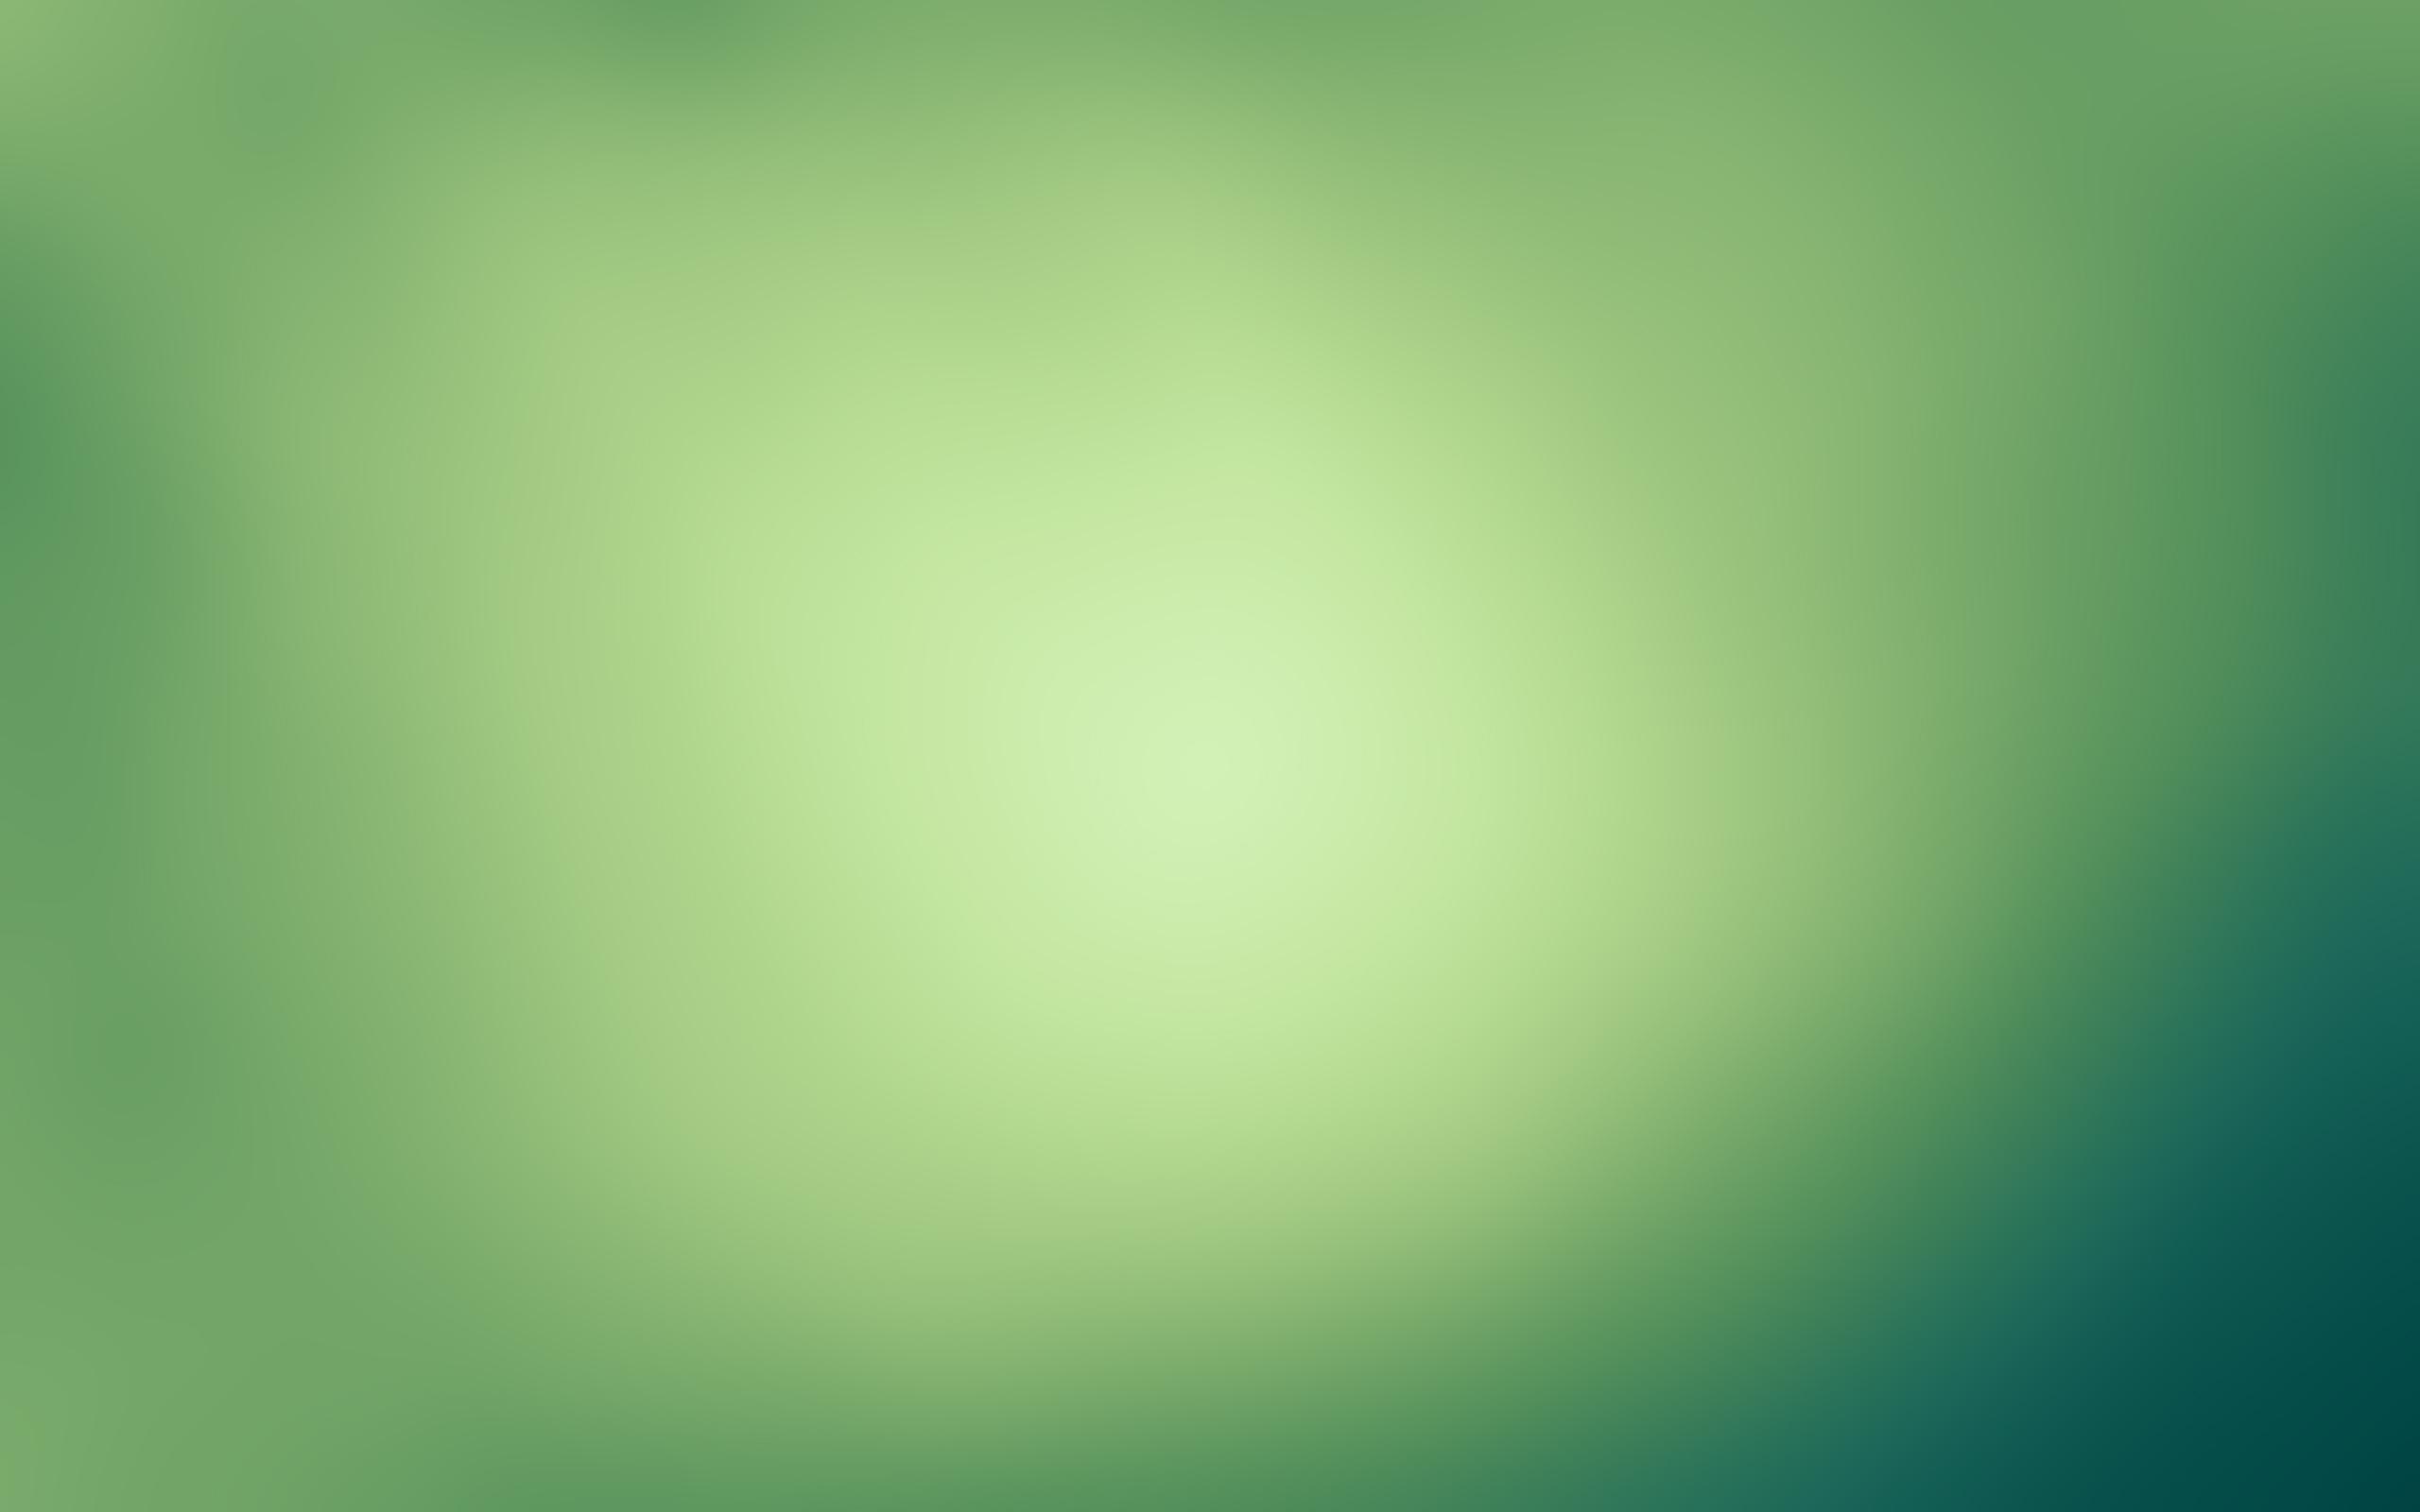 Solid Color Wallpaper Solid Color Wallpaper 2560x1600